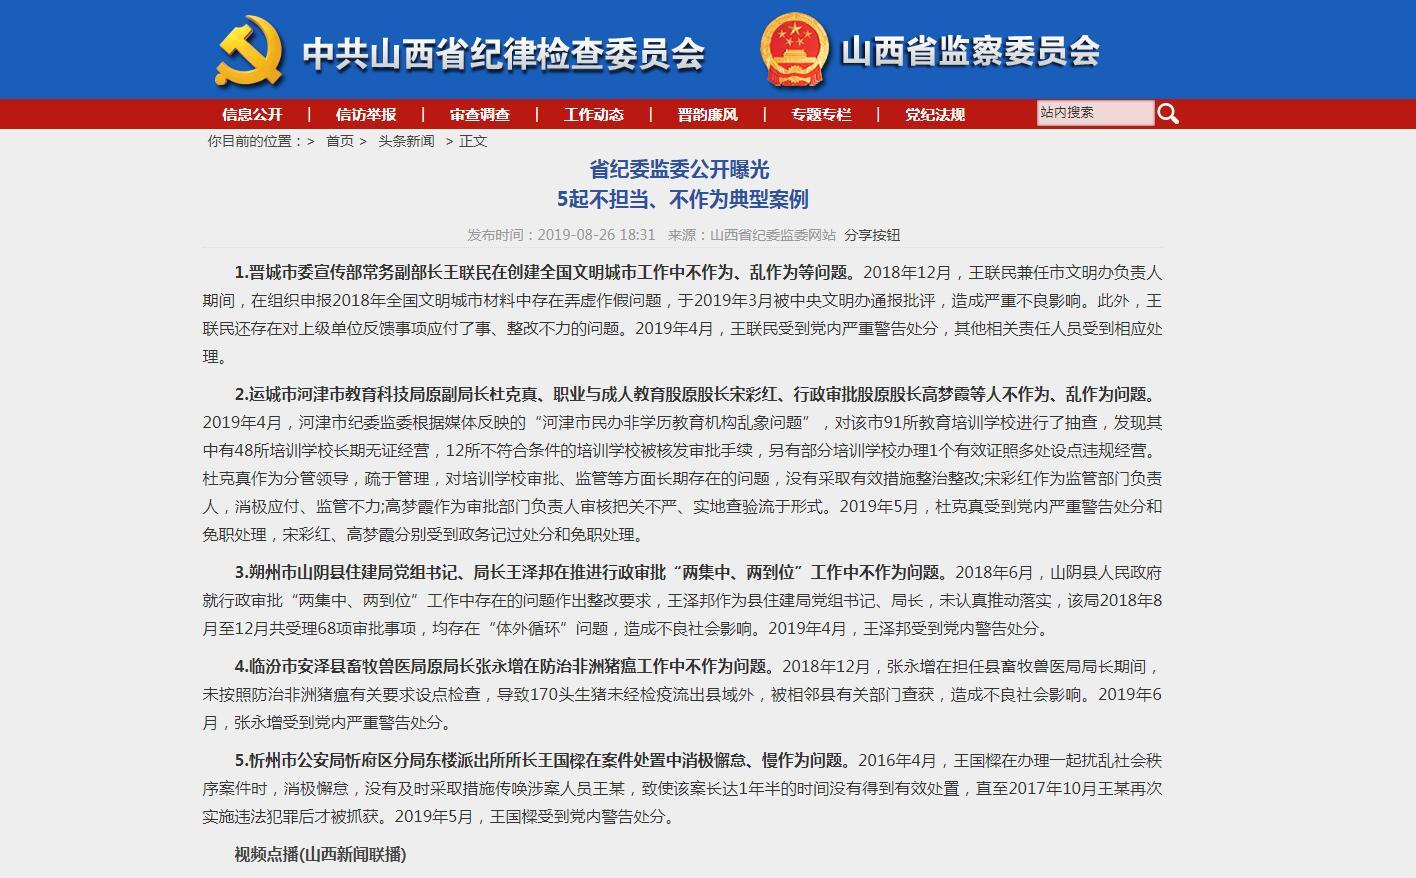 山西省紀委監委公開曝光5起不擔當、不作為典型案例